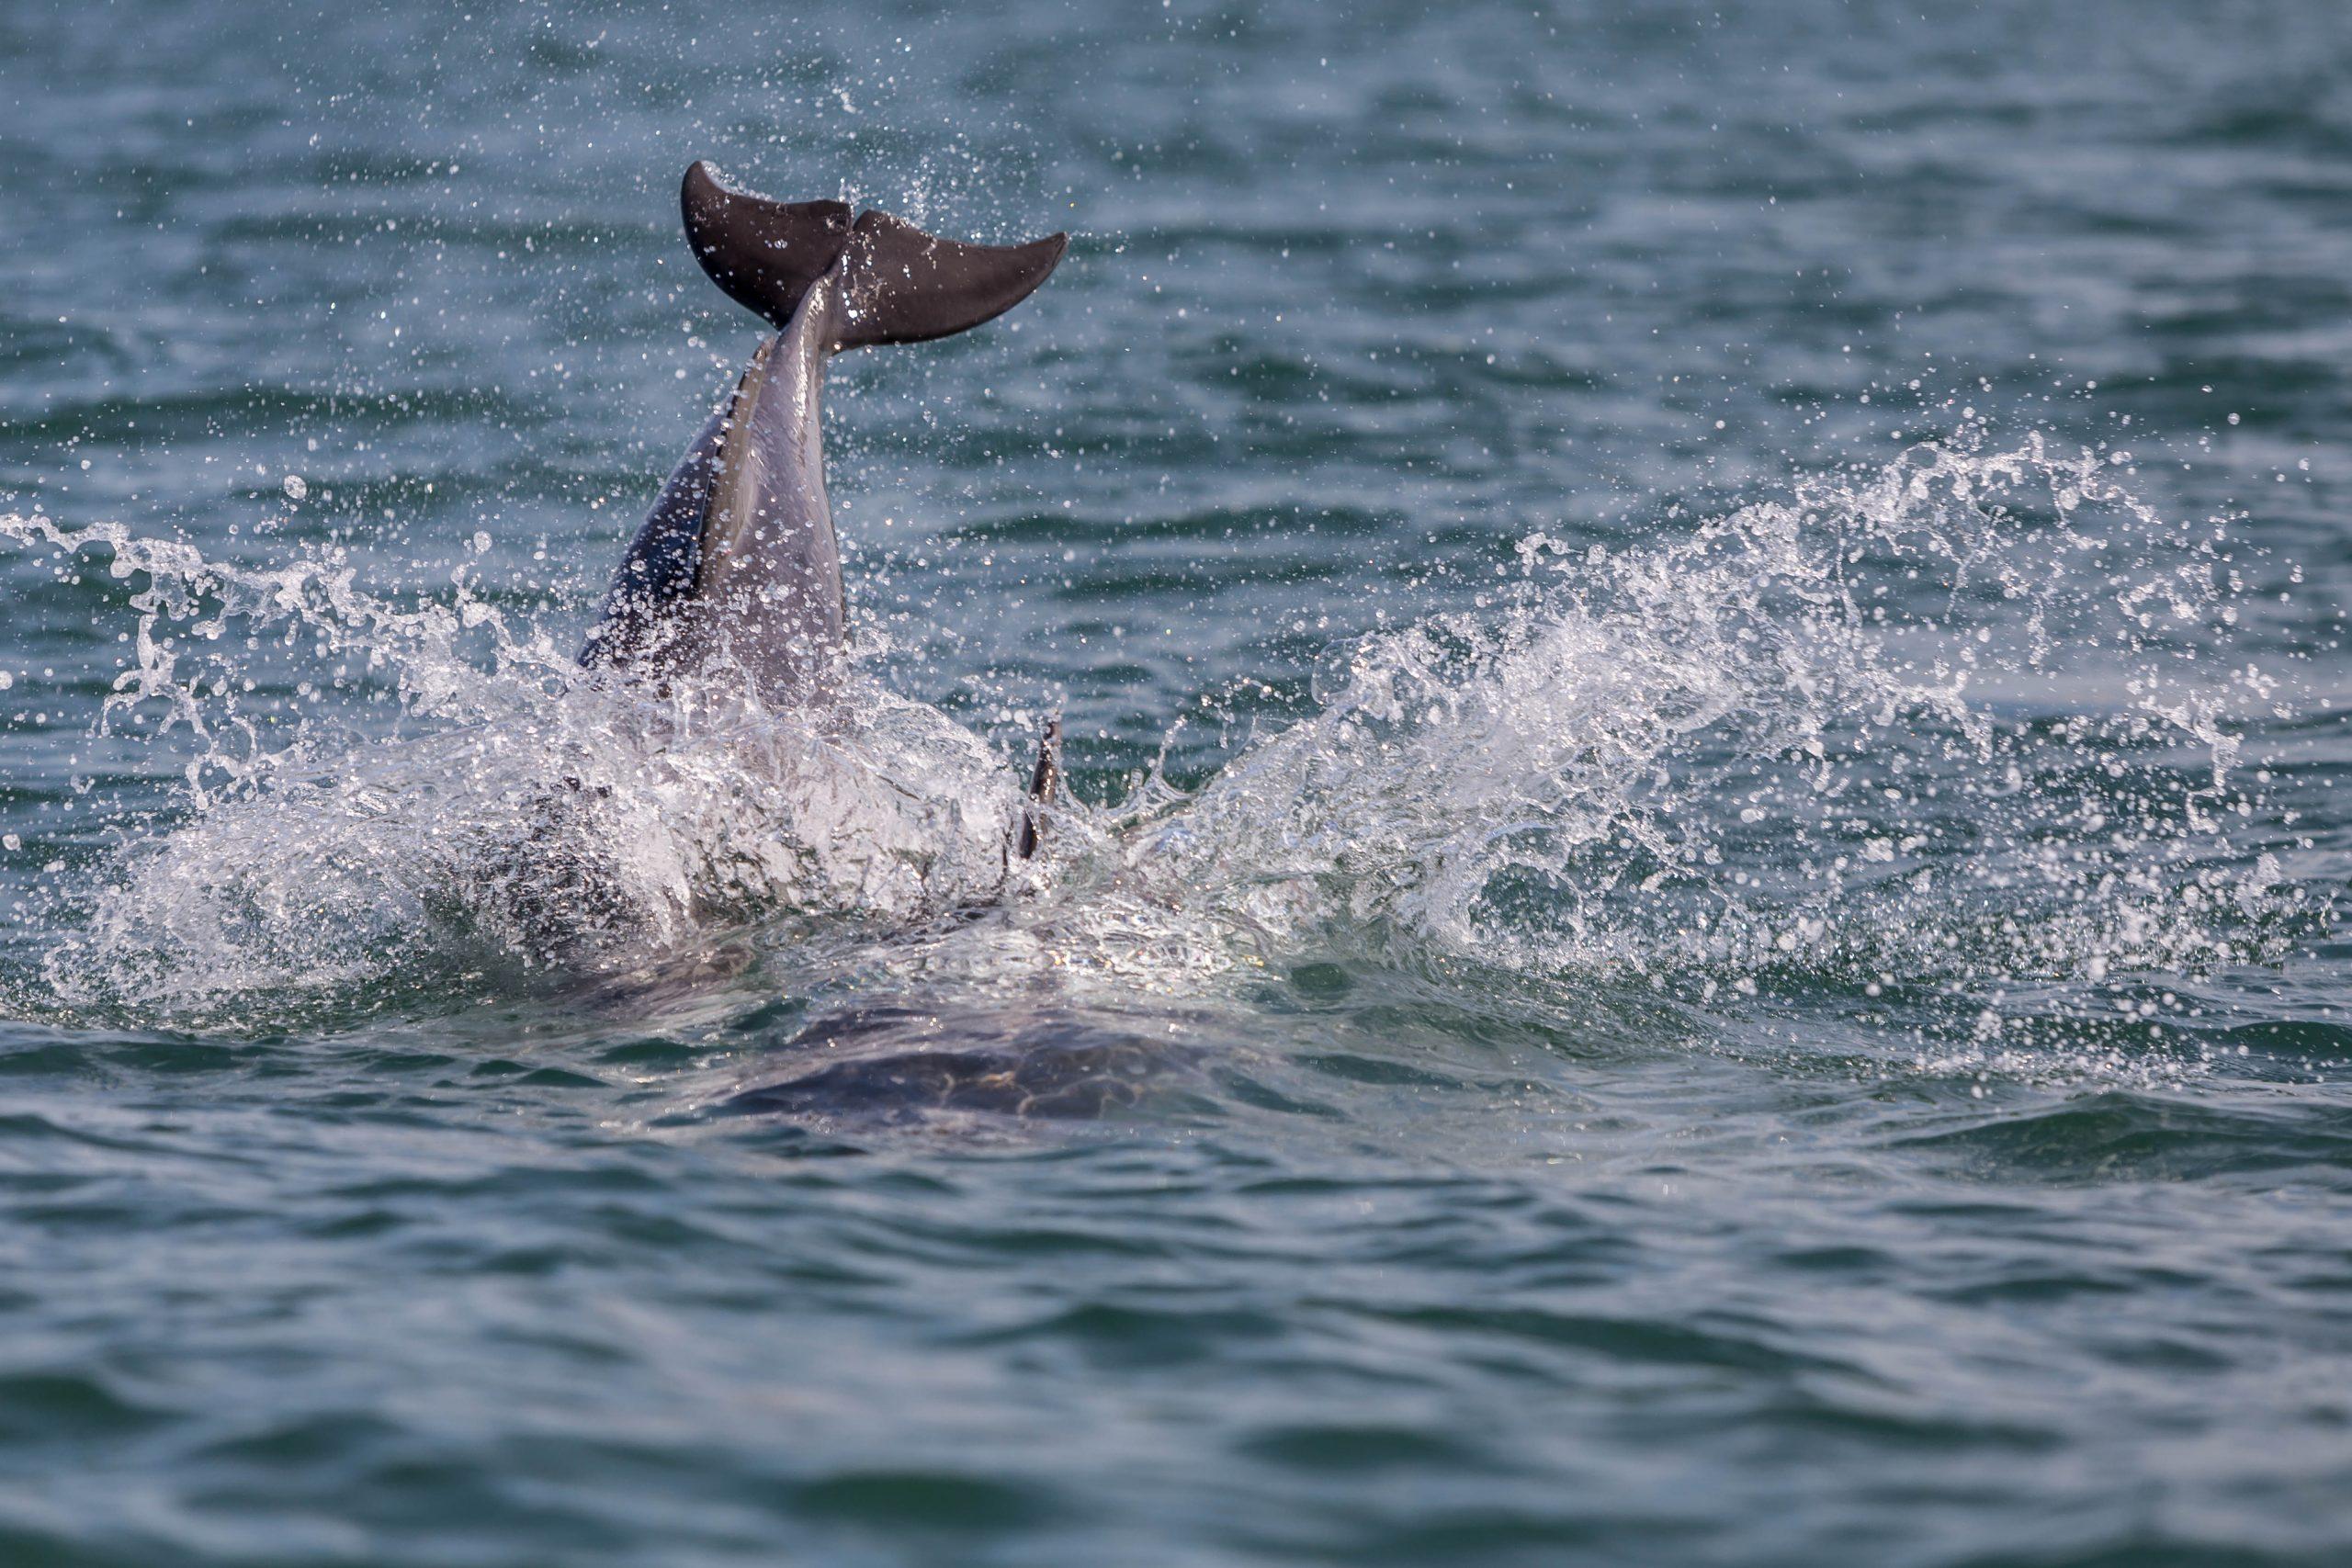 Un dauphin repéré dans la baie de Cardigan, au Pays de Galles, l'une des meilleures sorties en famille au Pays de Galles.